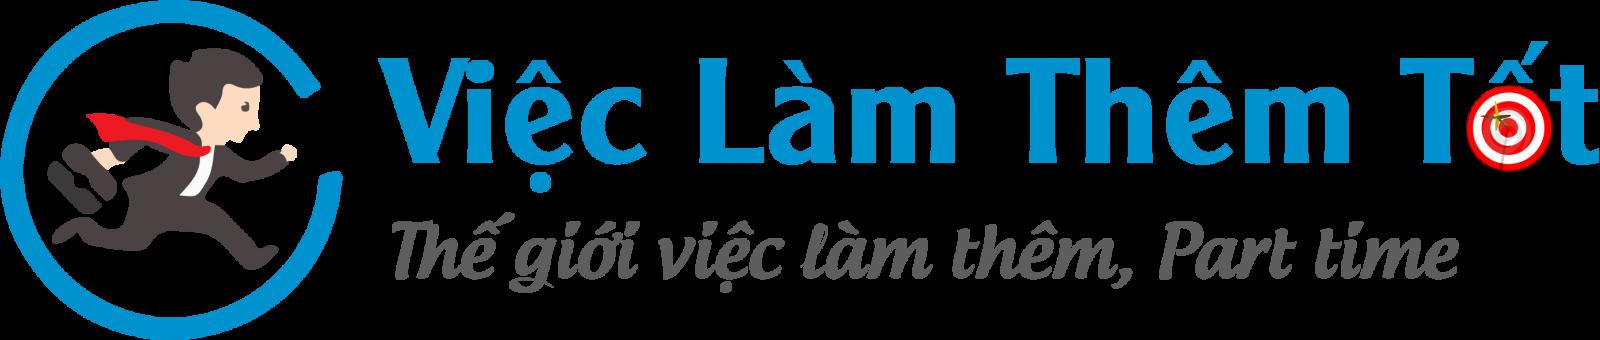 viec-lam-them-tot